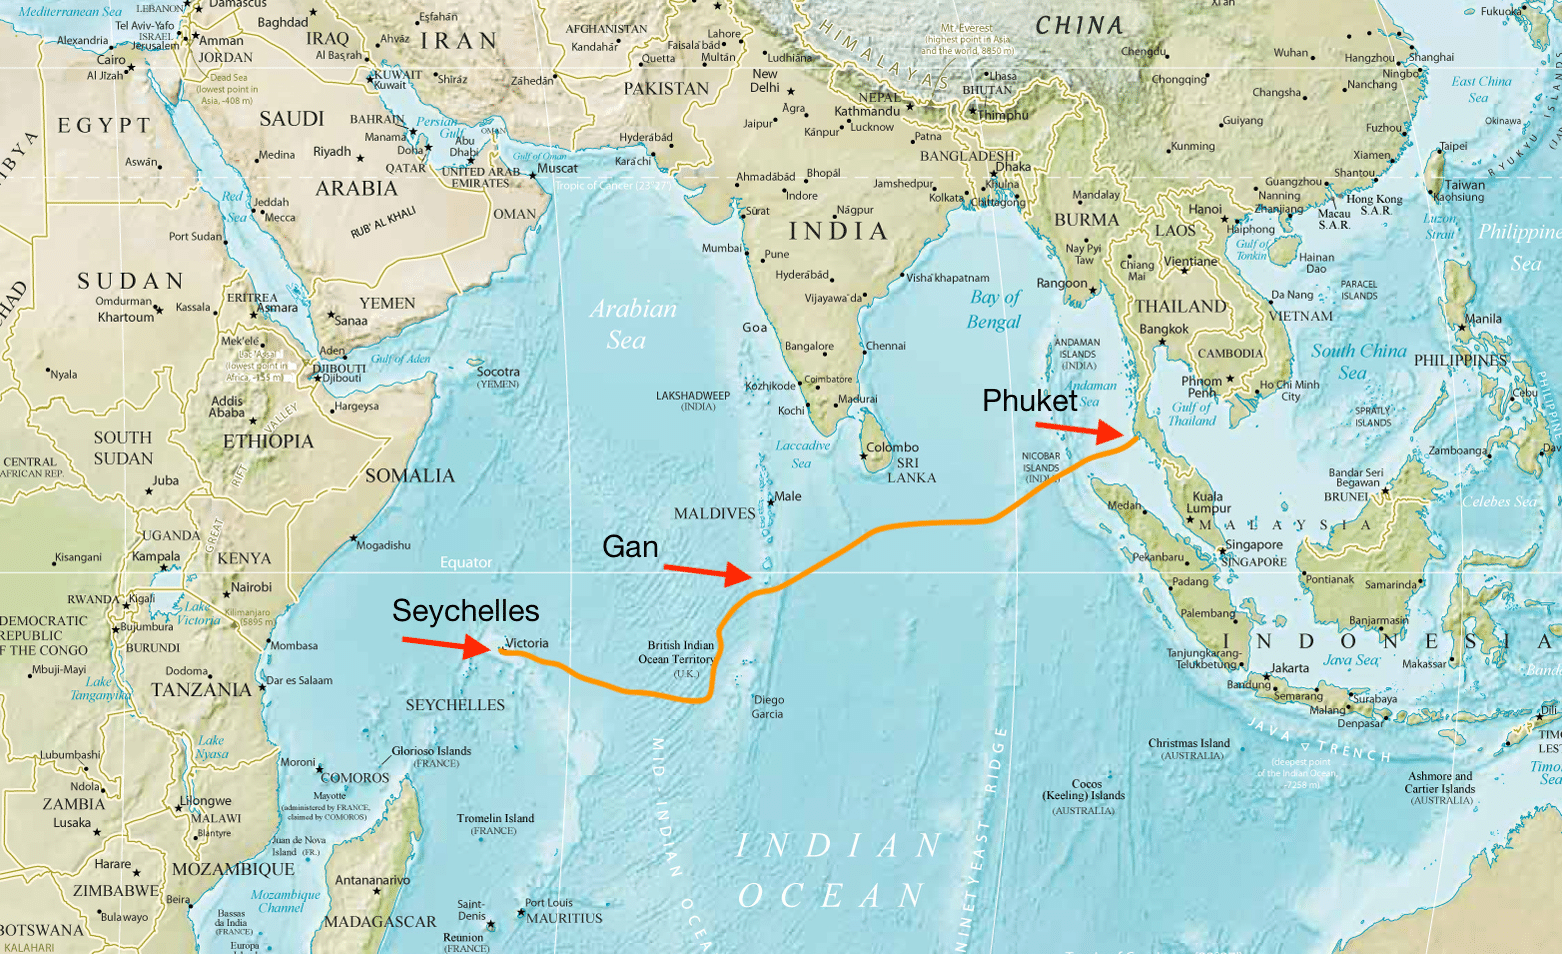 Passge of SV Oceans Five across the Indian Ocean